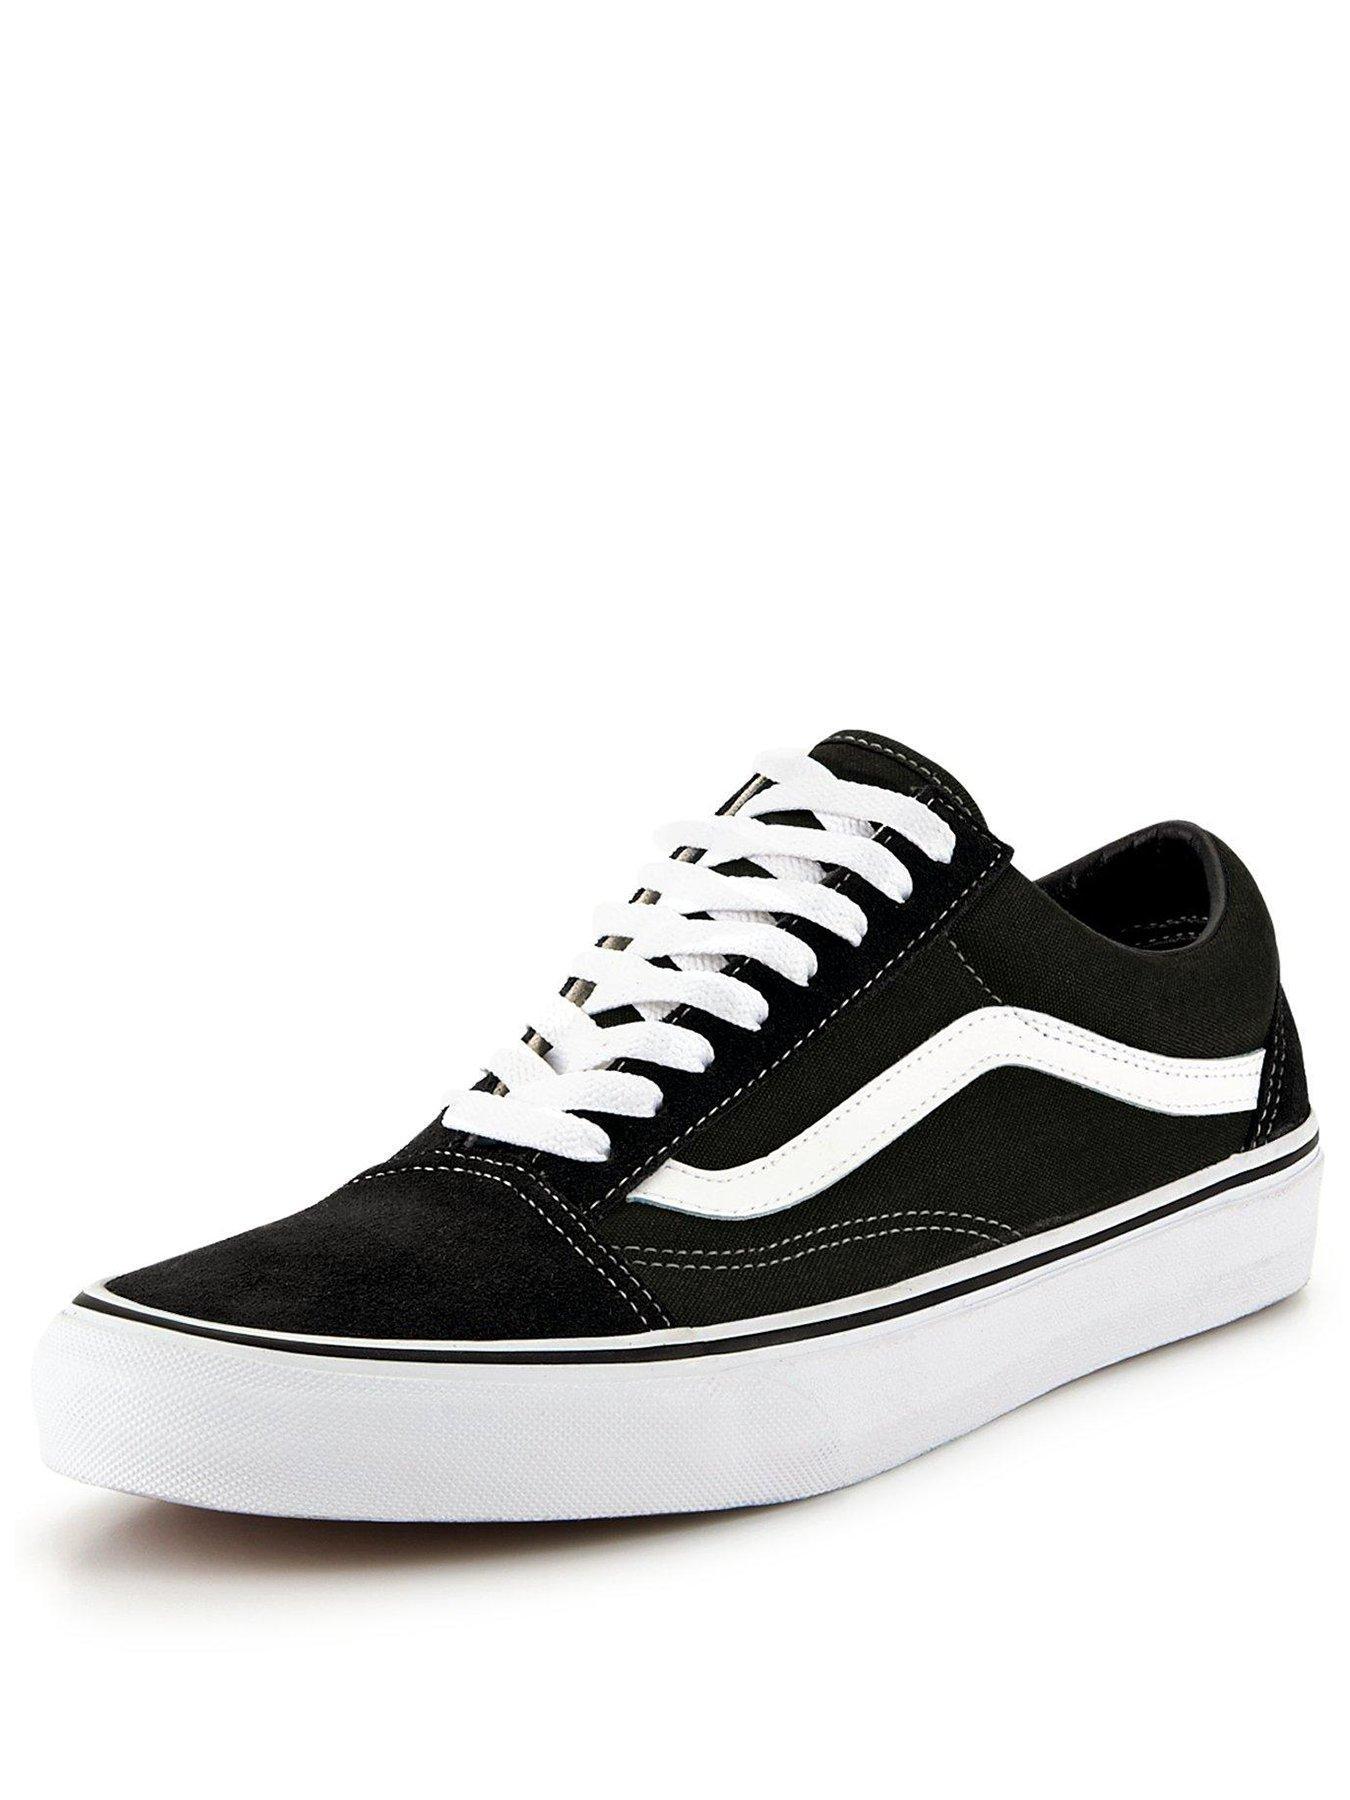 vans mens shoes wide Limit discounts 60